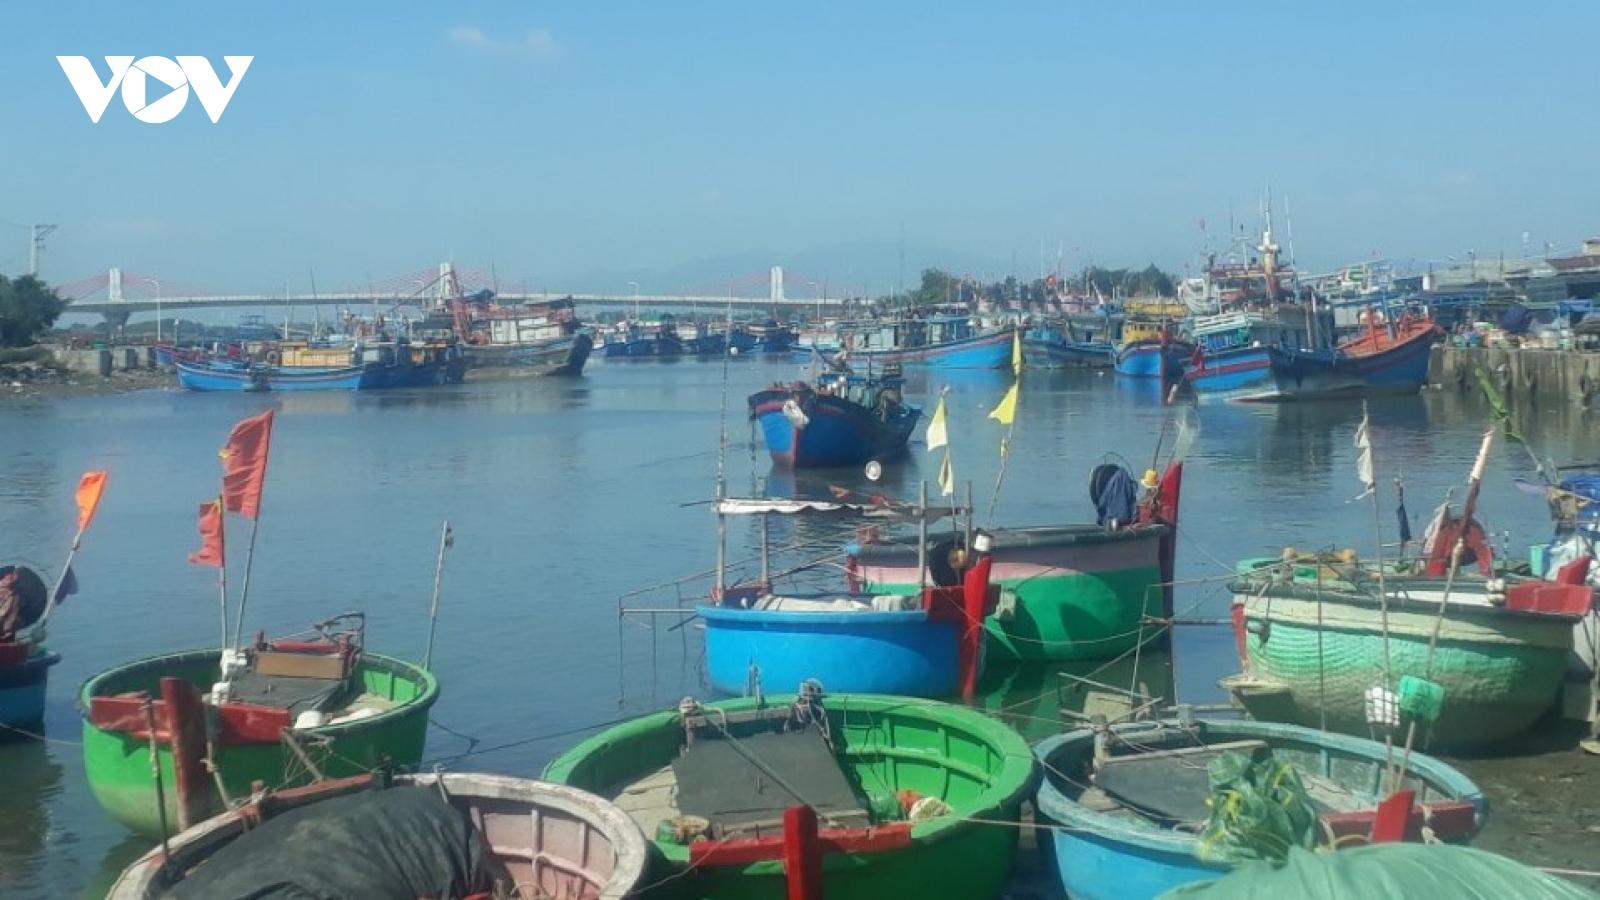 Chìm tàu trên vùng biển Bình Thuận, 3 ngư dân tử vong, 2 người mất tích